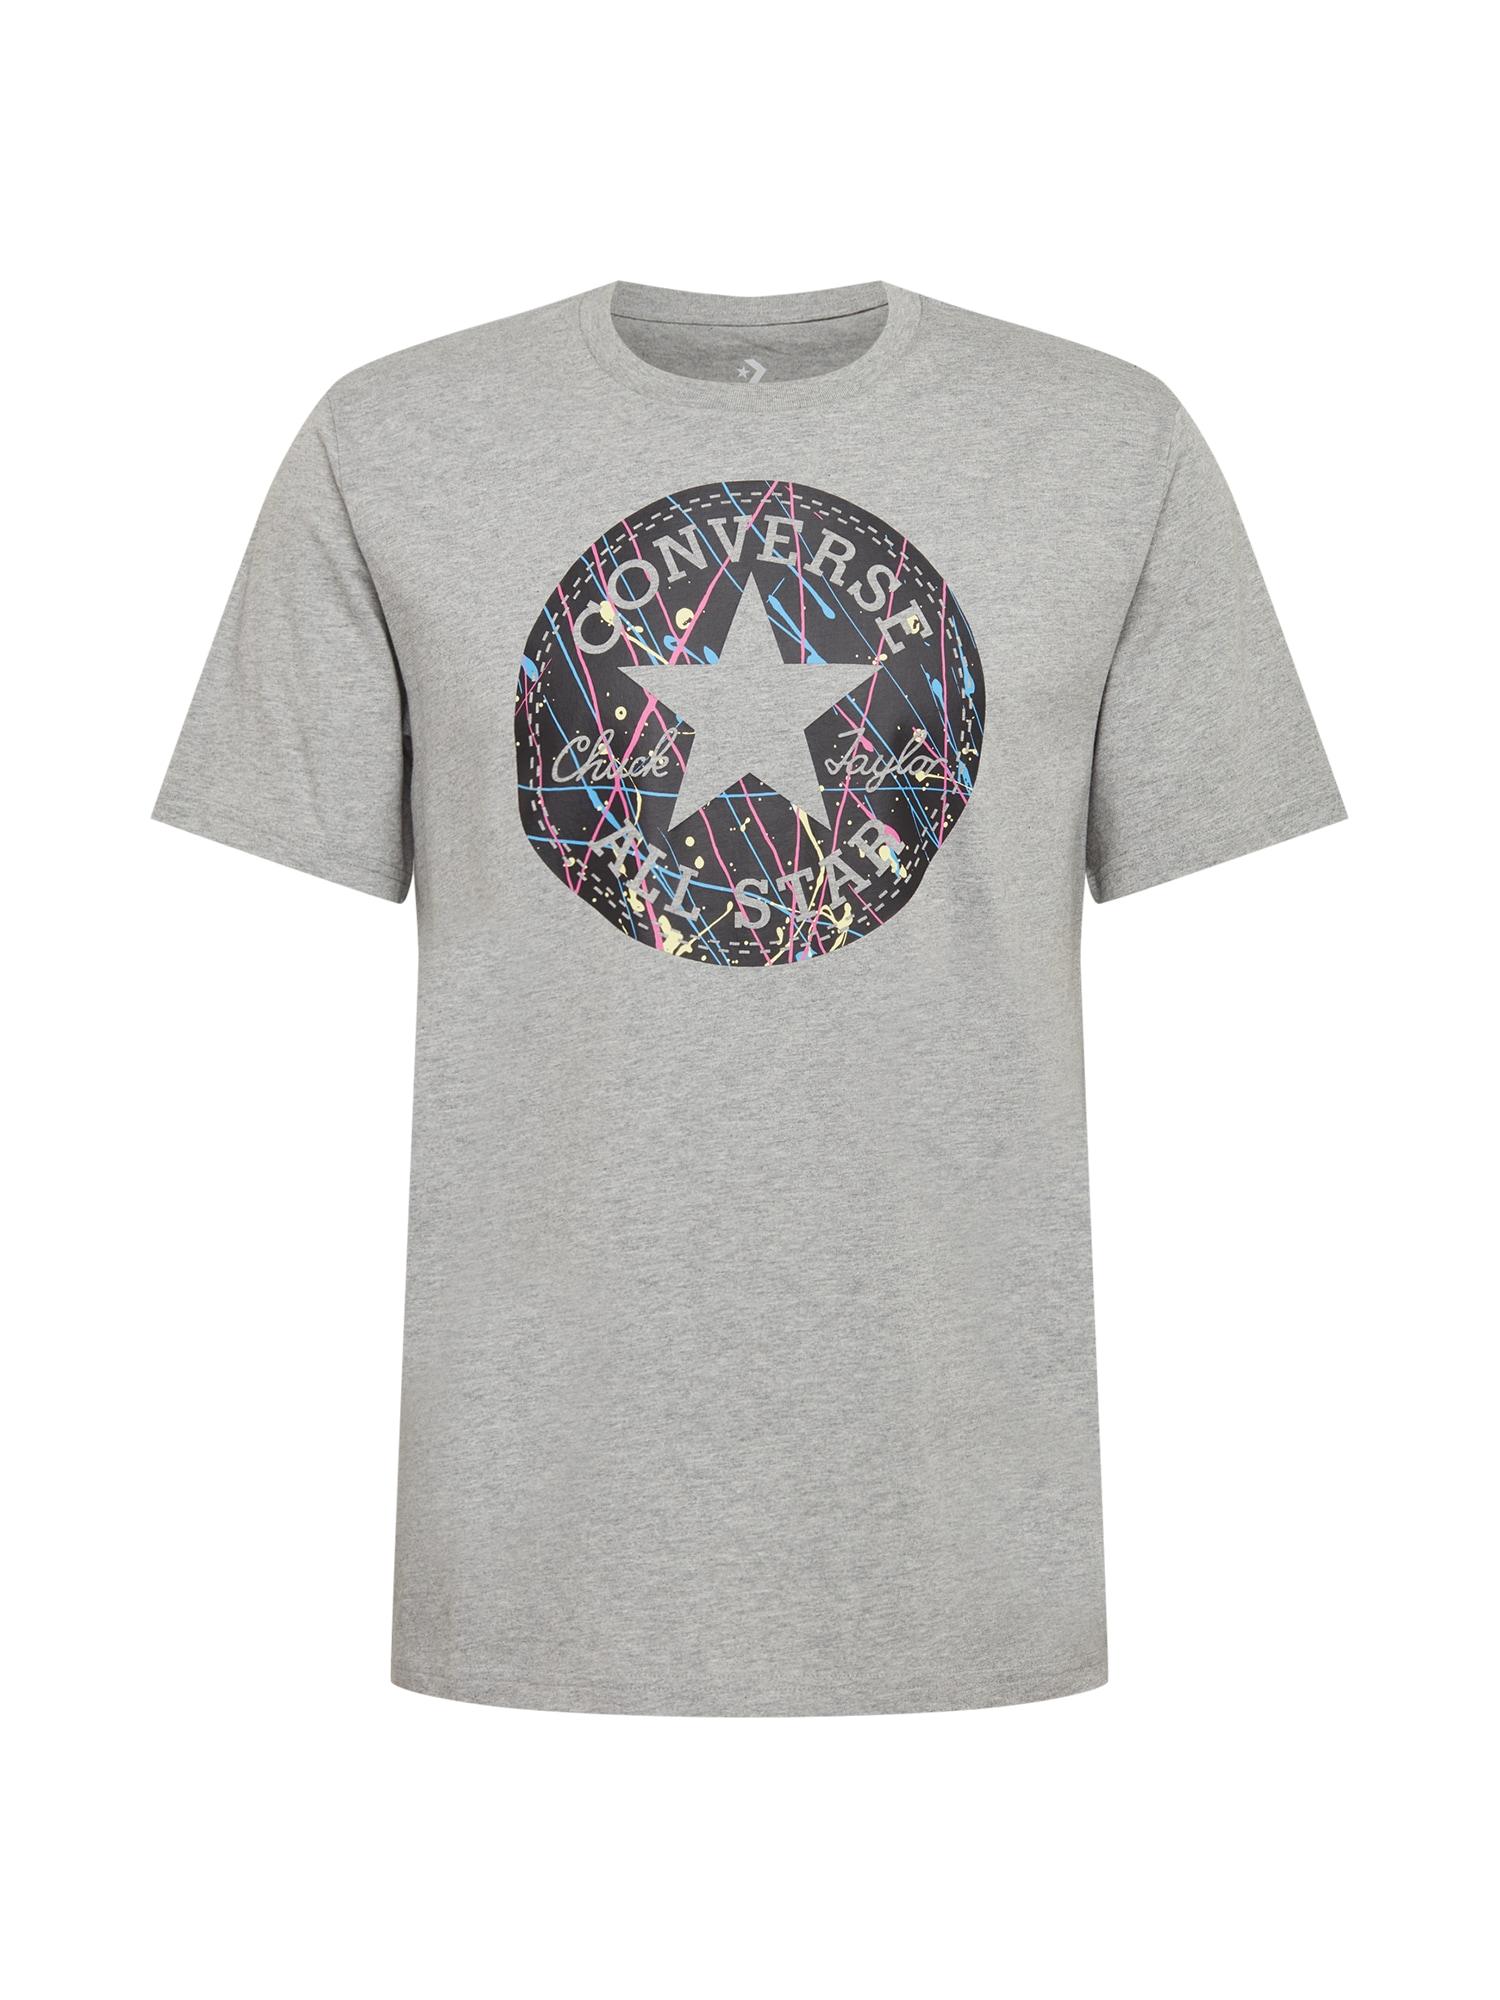 CONVERSE Marškinėliai margai pilka / juoda / šviesiai rožinė / šviesiai mėlyna / kremo